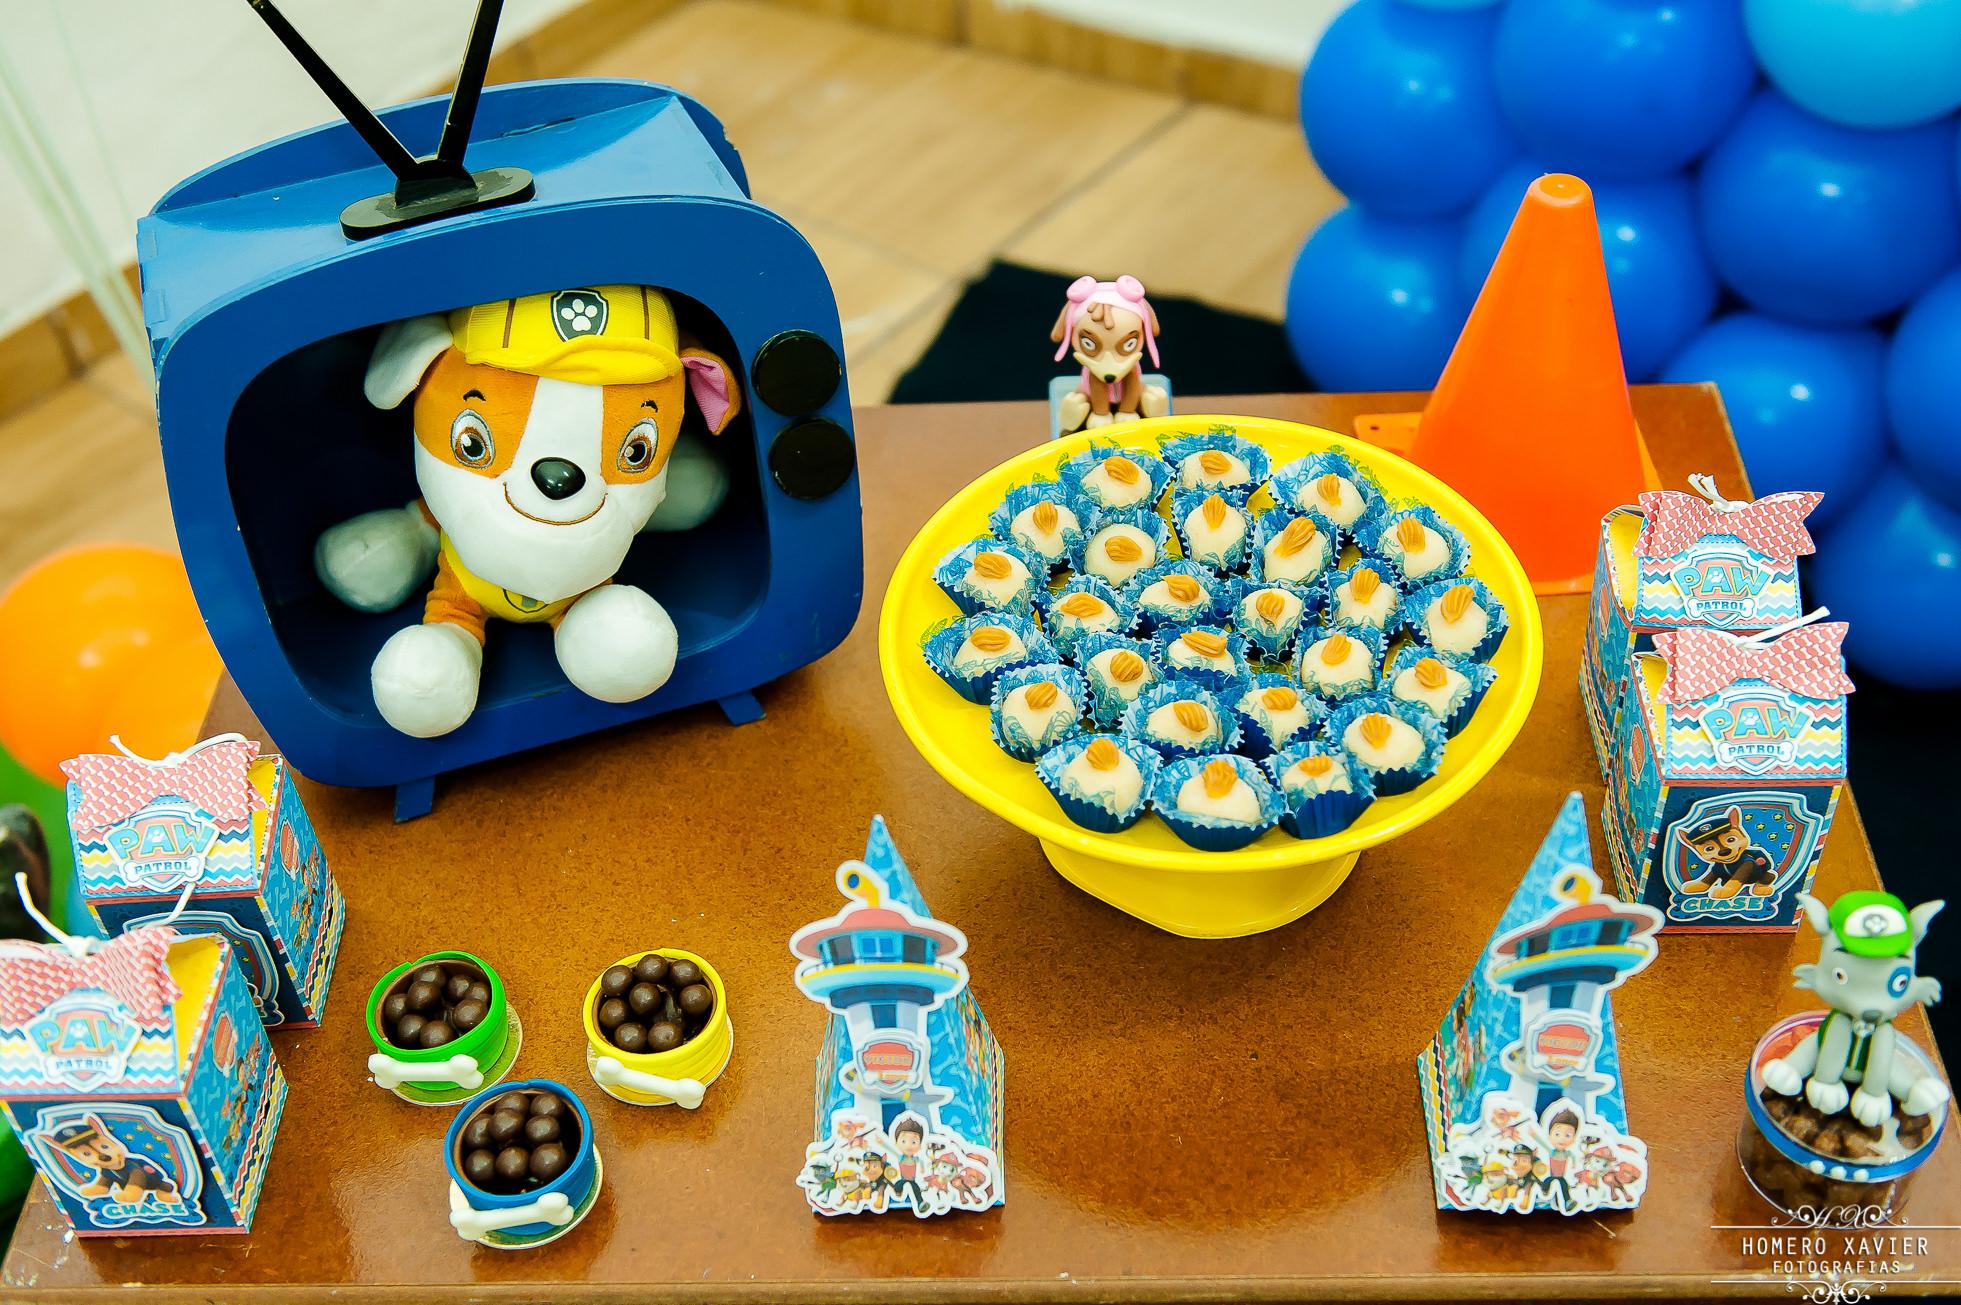 festa aniversario buffet Imaginarium BH